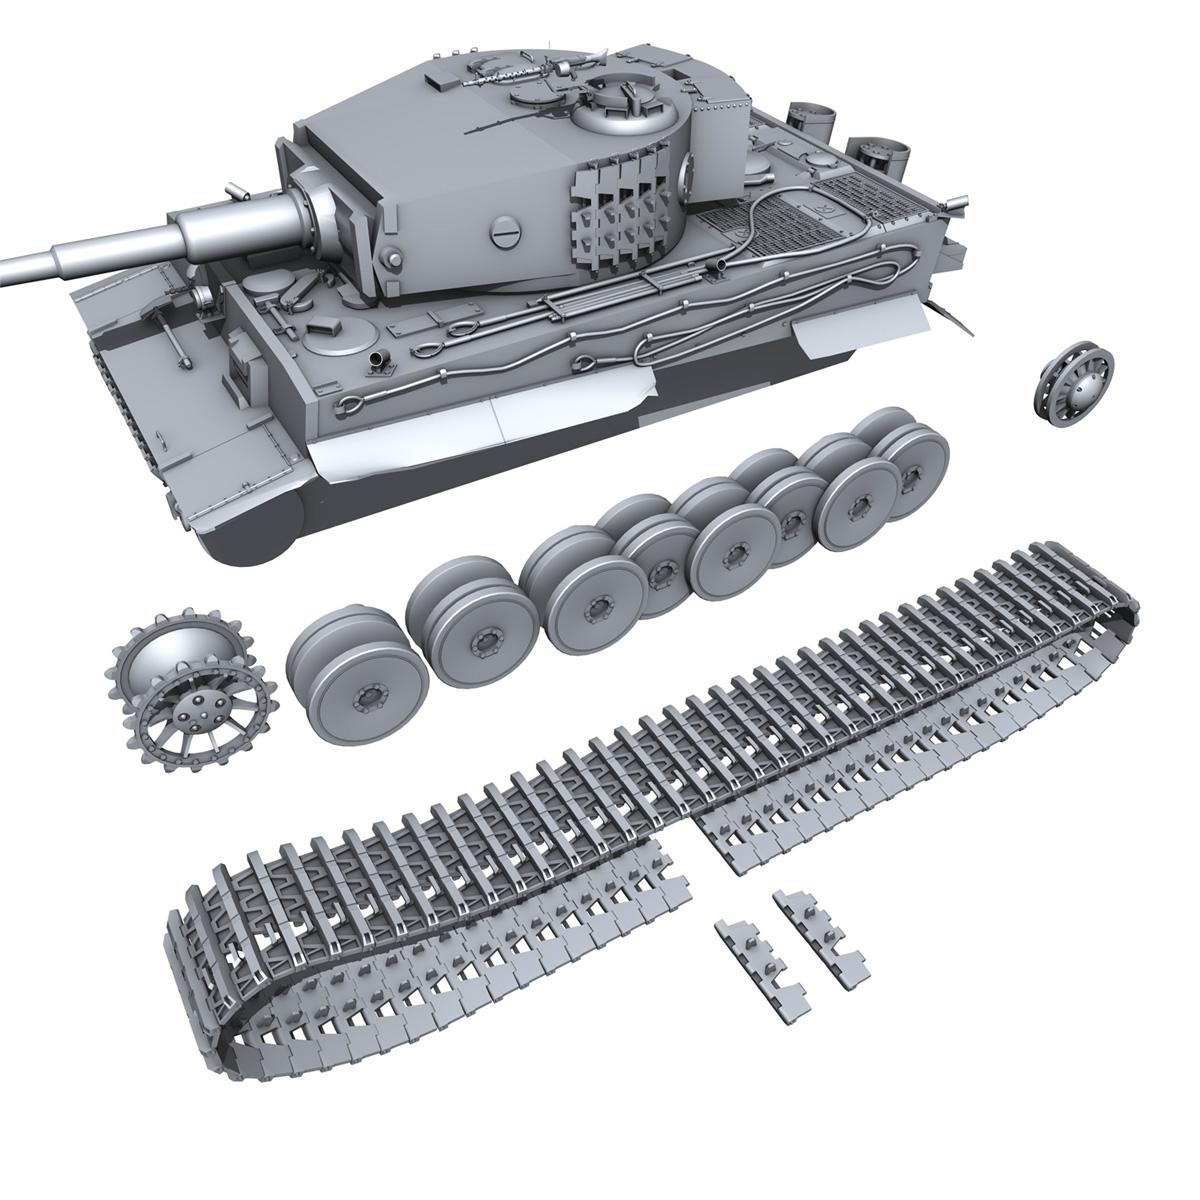 panzer vi – tiger – mid production 3d model 3ds fbx c4d lwo obj 202299